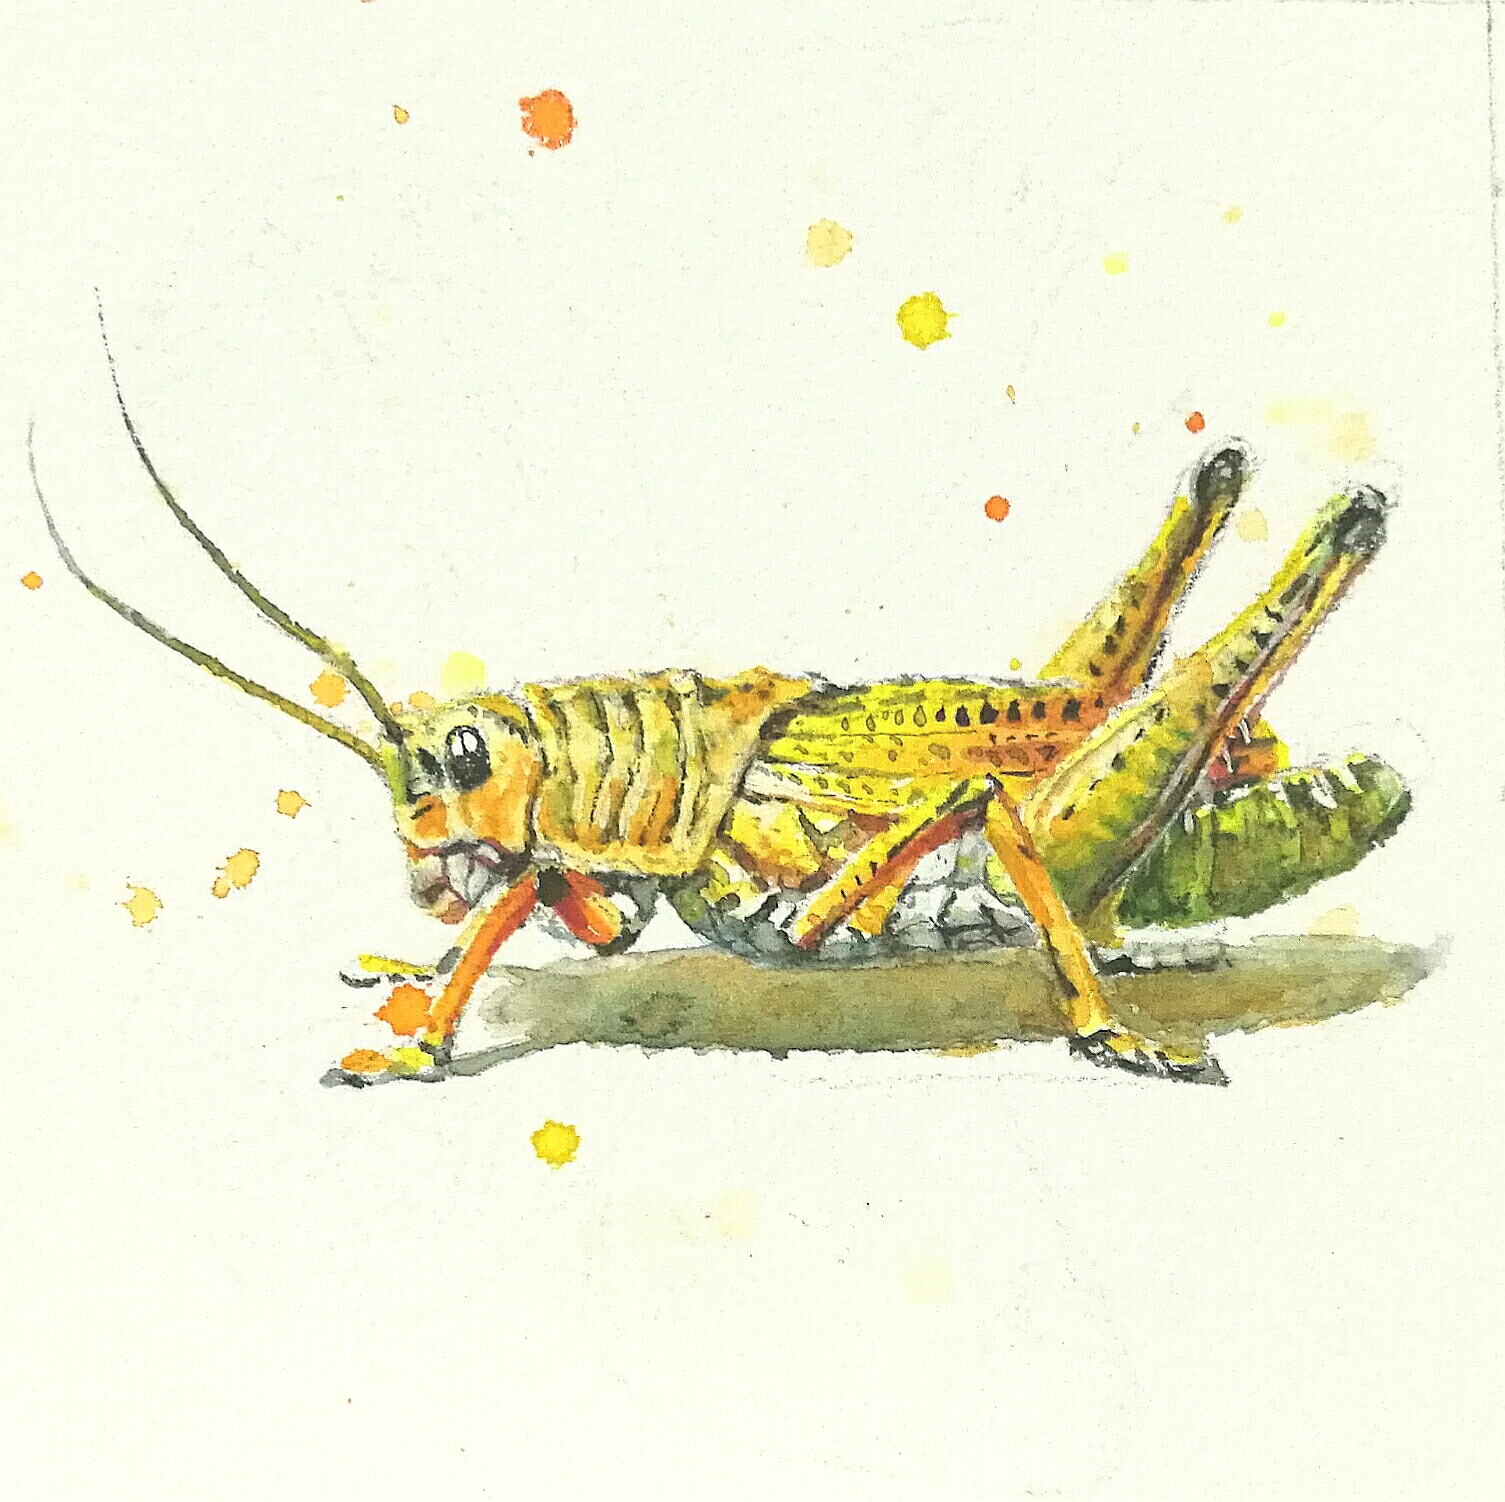 水彩昆虫|纯艺术|水彩|17171717171717